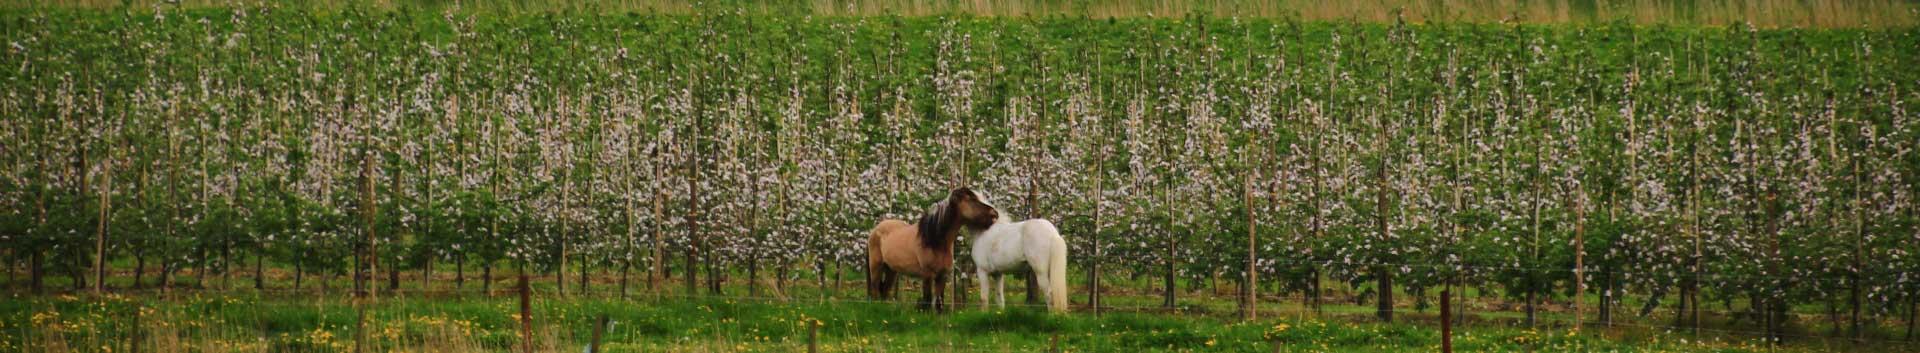 Folgeseite-Pferd+Obstblüte